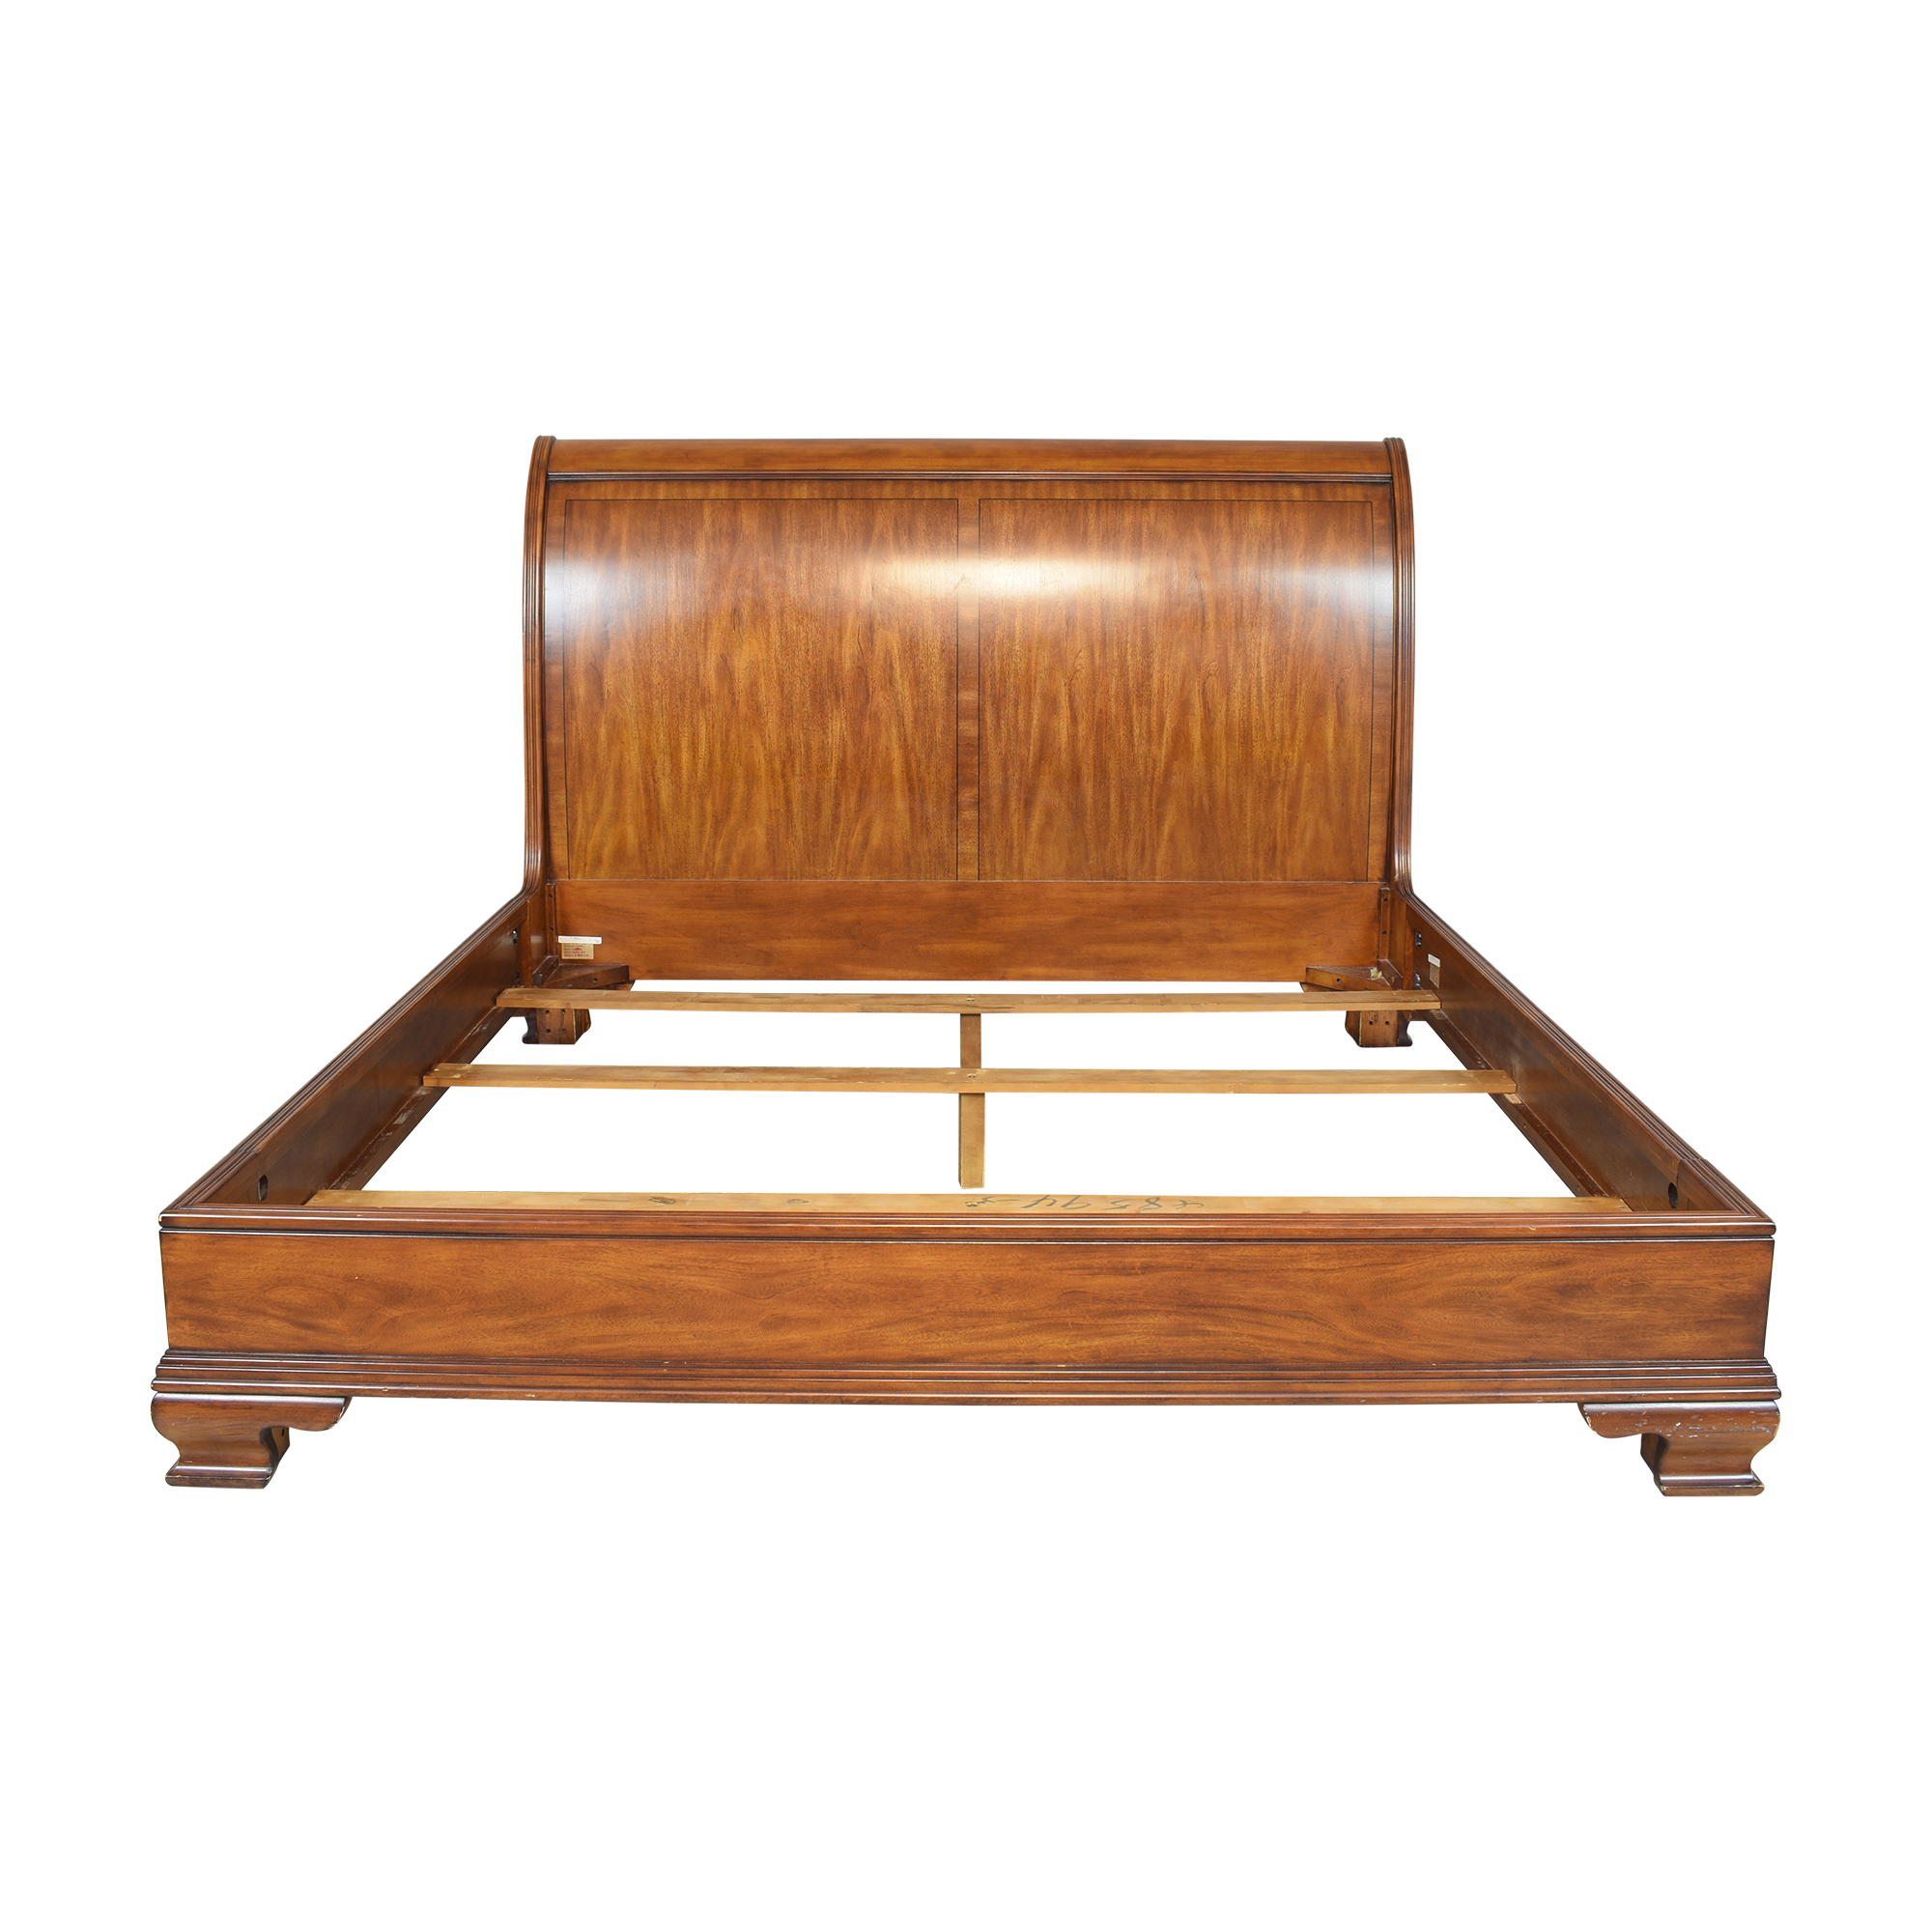 Drexel Heritage Drexel Heritage King Sleigh Bed brown